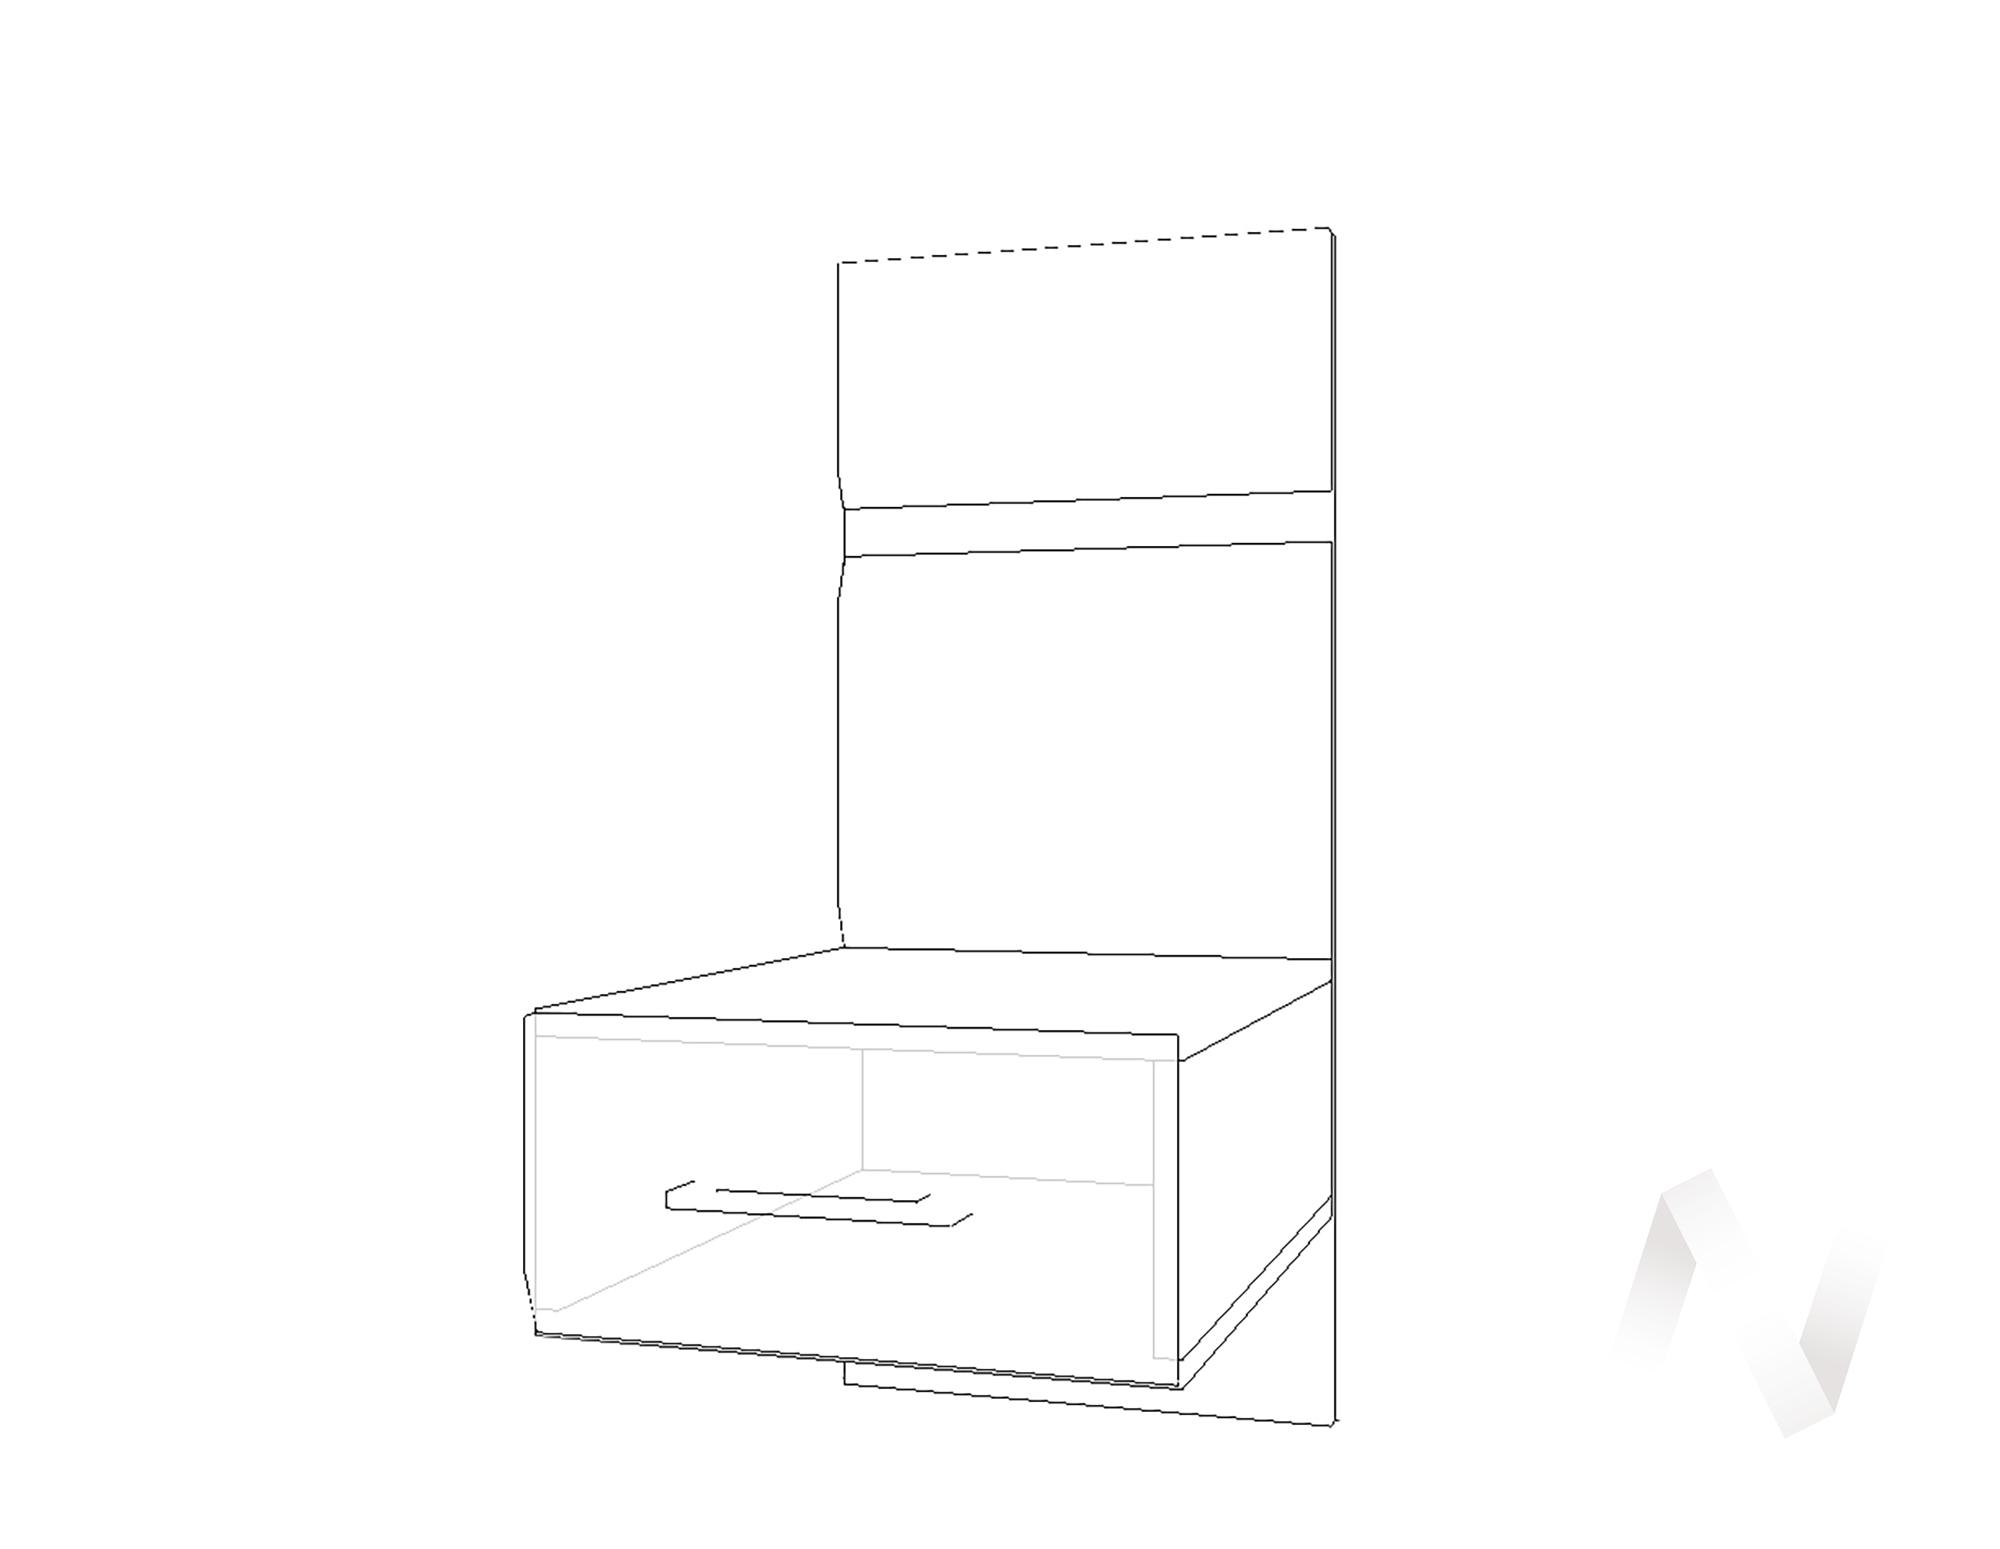 Тумба прикроватная с 1-м ящиком Николь МДФ (венге/белый глянец)  в Томске — интернет магазин МИРА-мебель